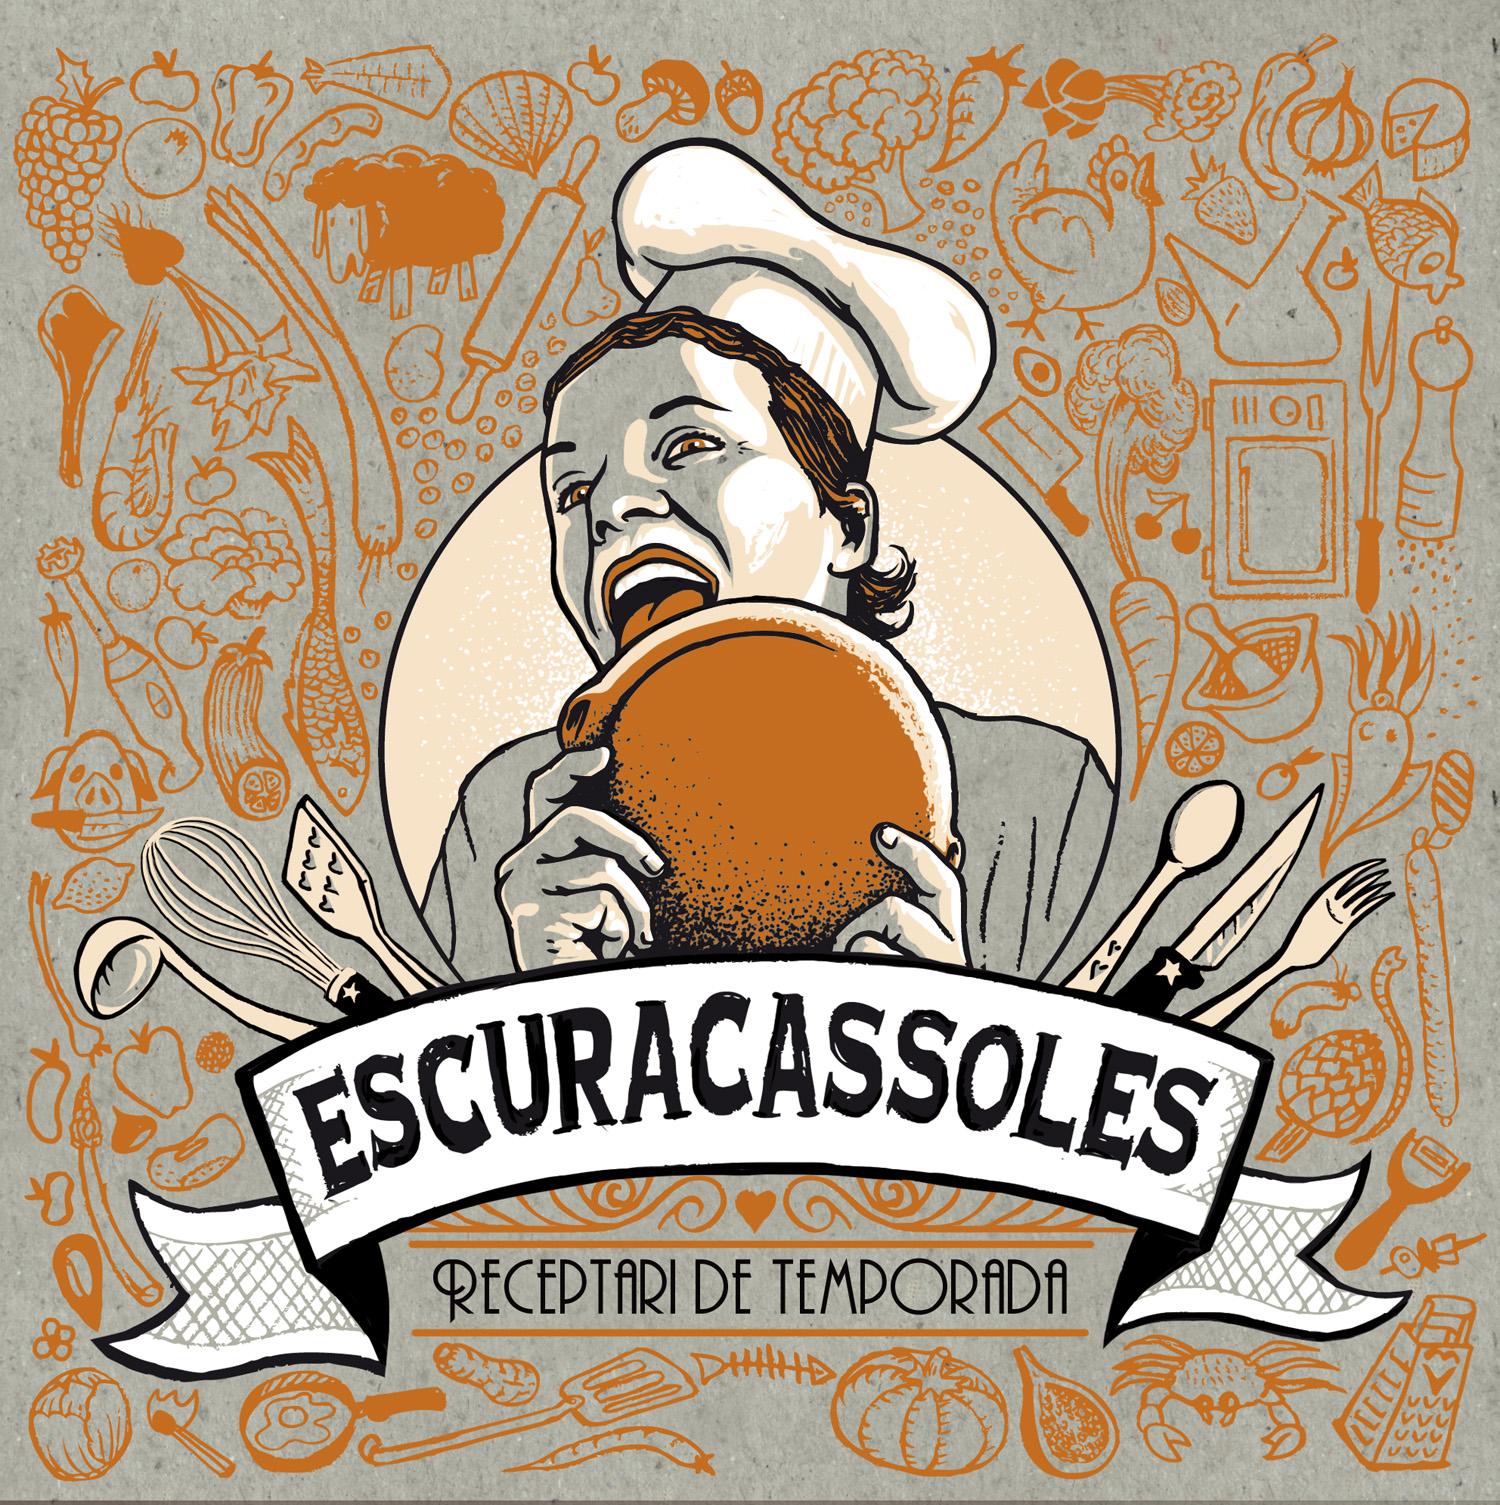 Escuracassoles 2014, un projecte ecològic, cooperatiu i lliure